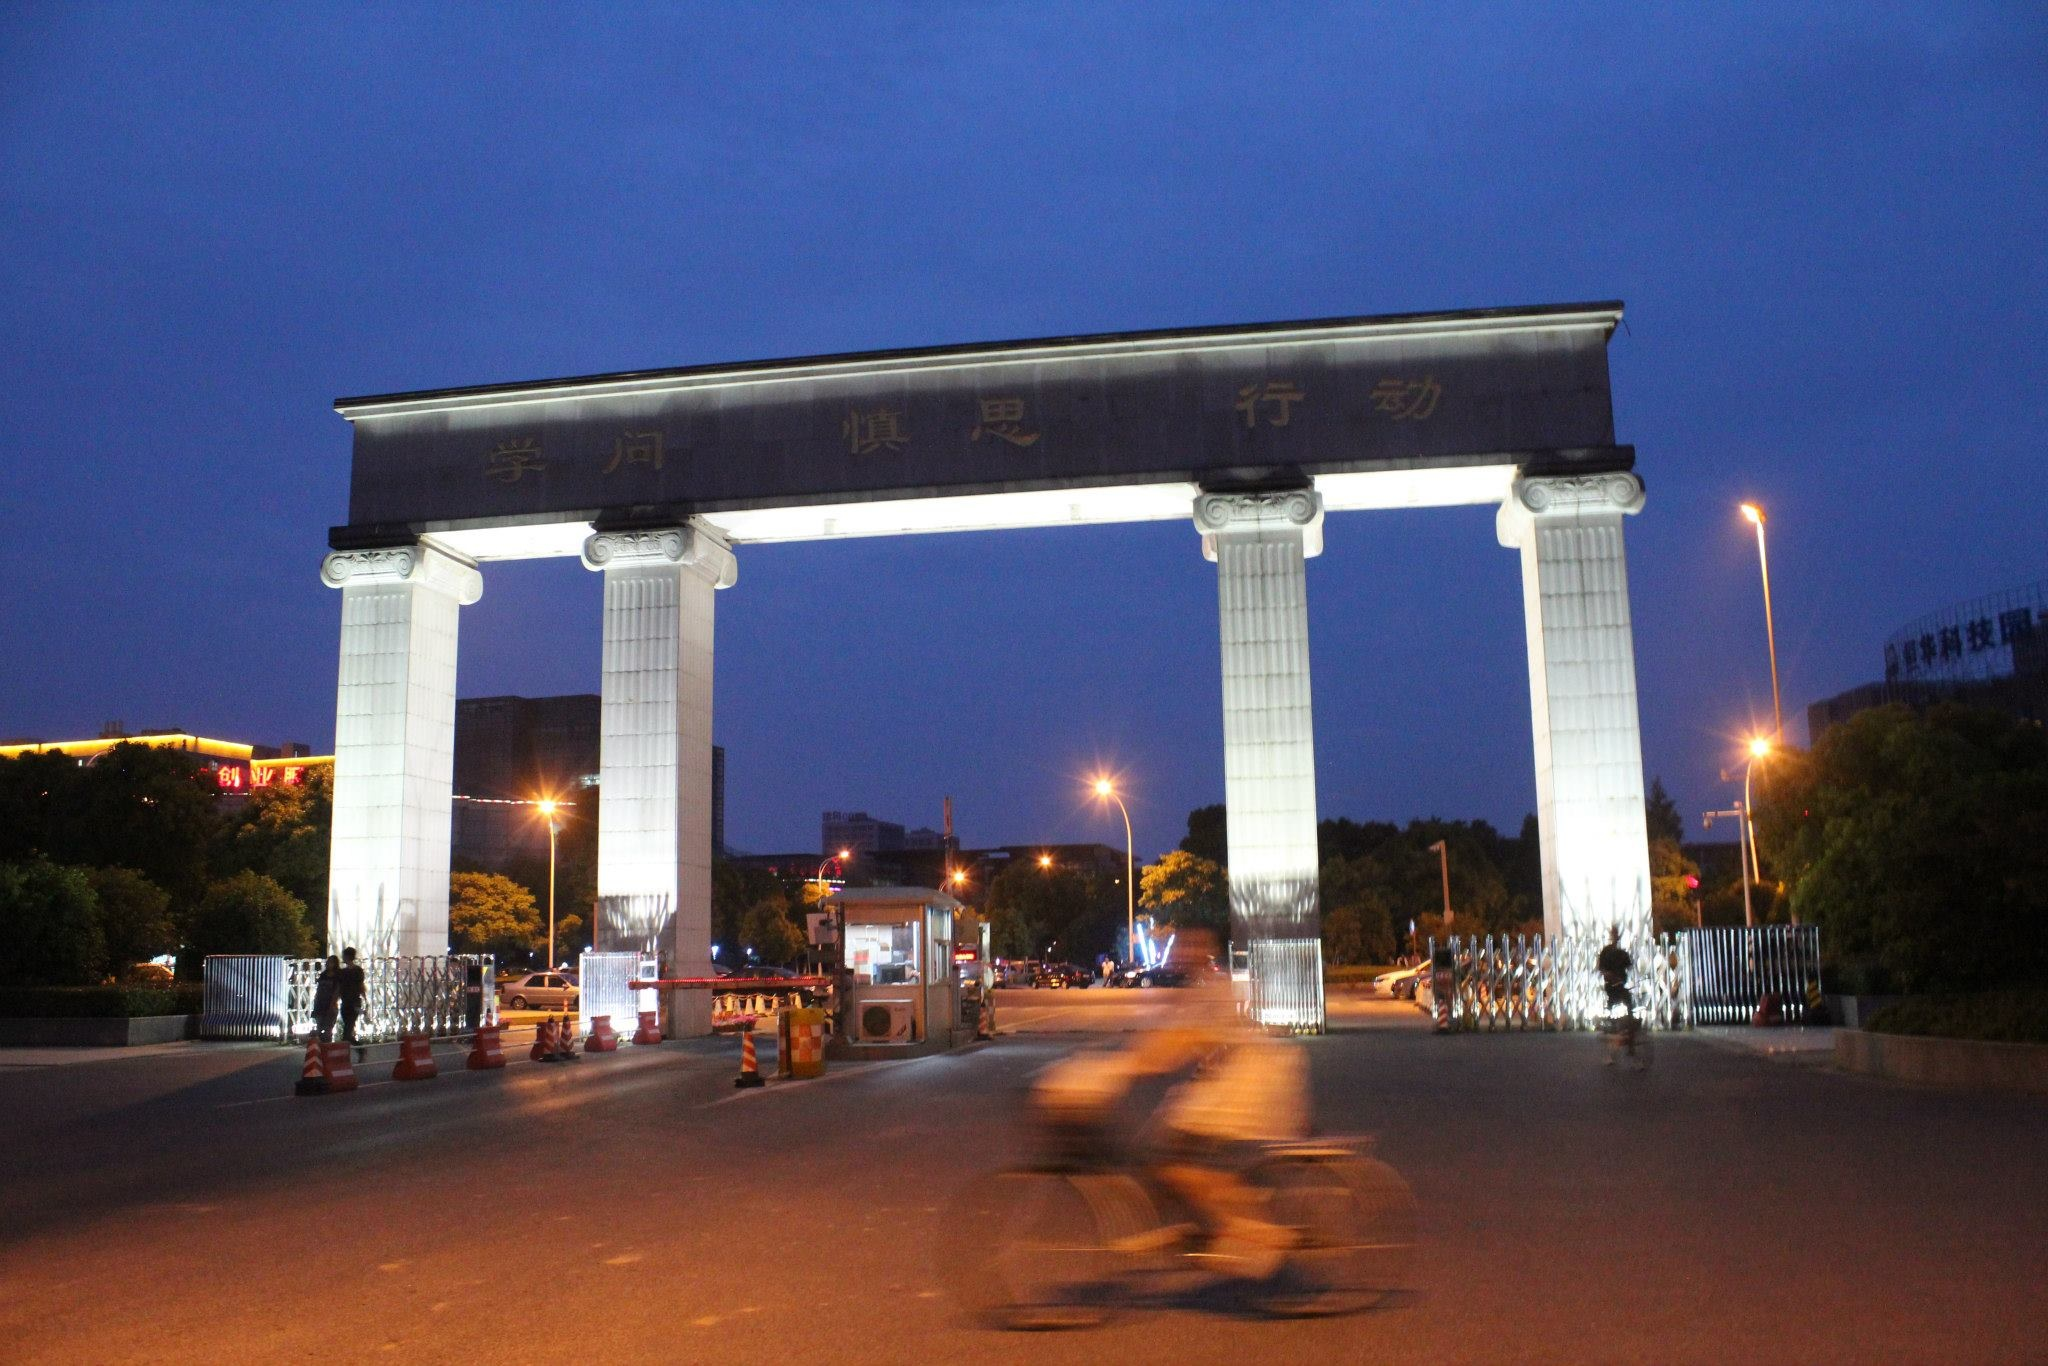 South Gate, Jiangnan Univ. by John Kelle